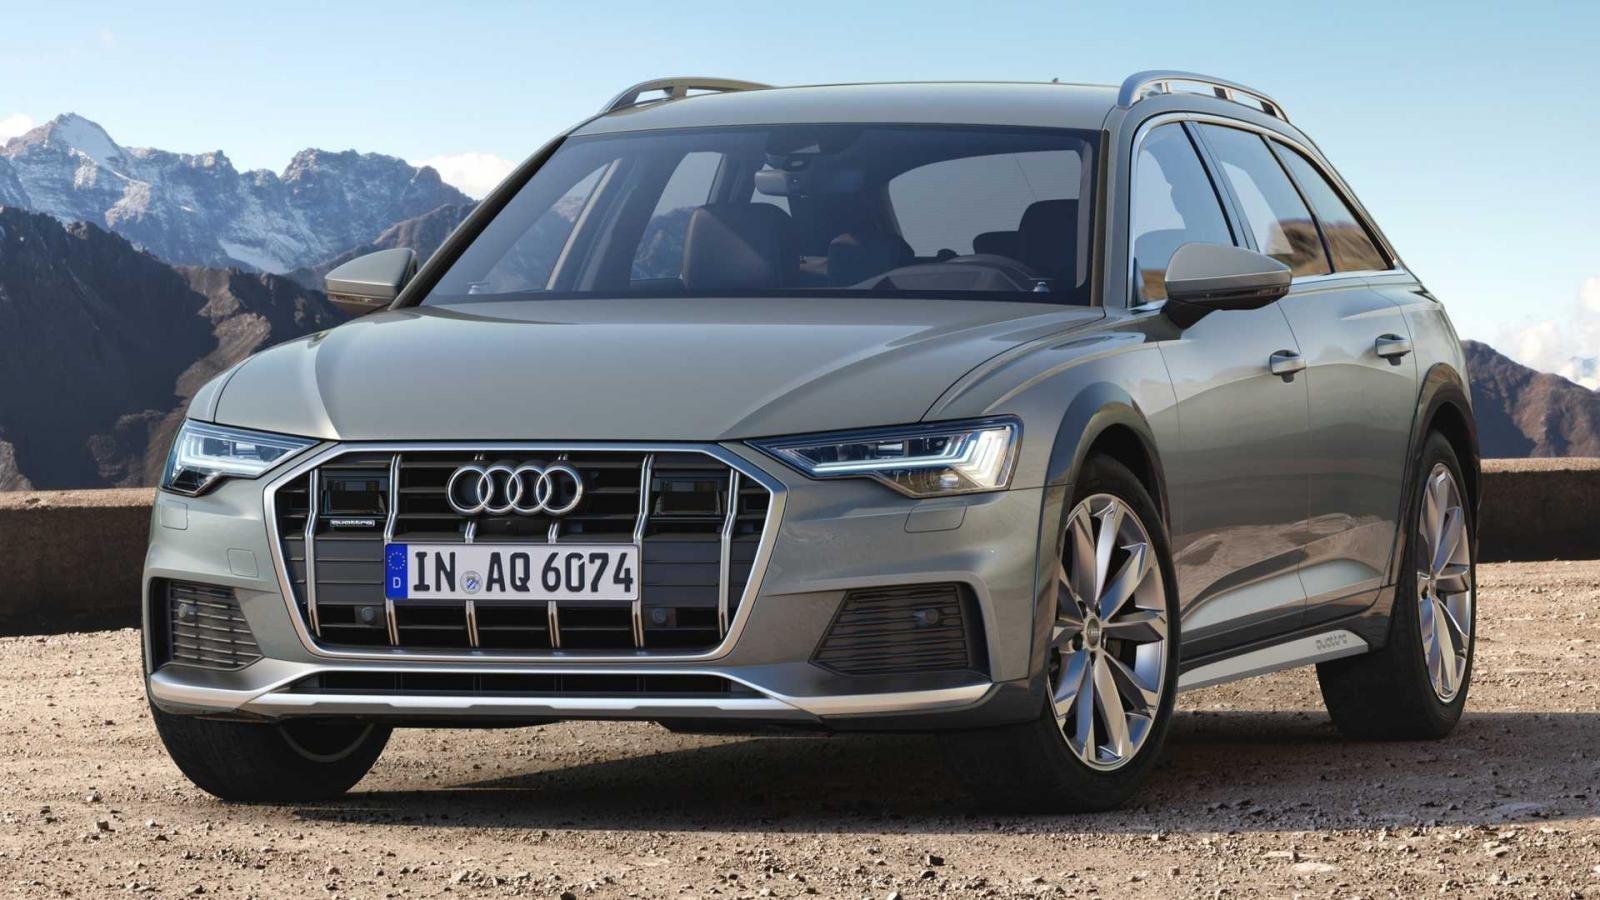 Audi A6 Allroad 2020 sở hữu lưới tản nhiệt với các thanh chrome sáng bóng.